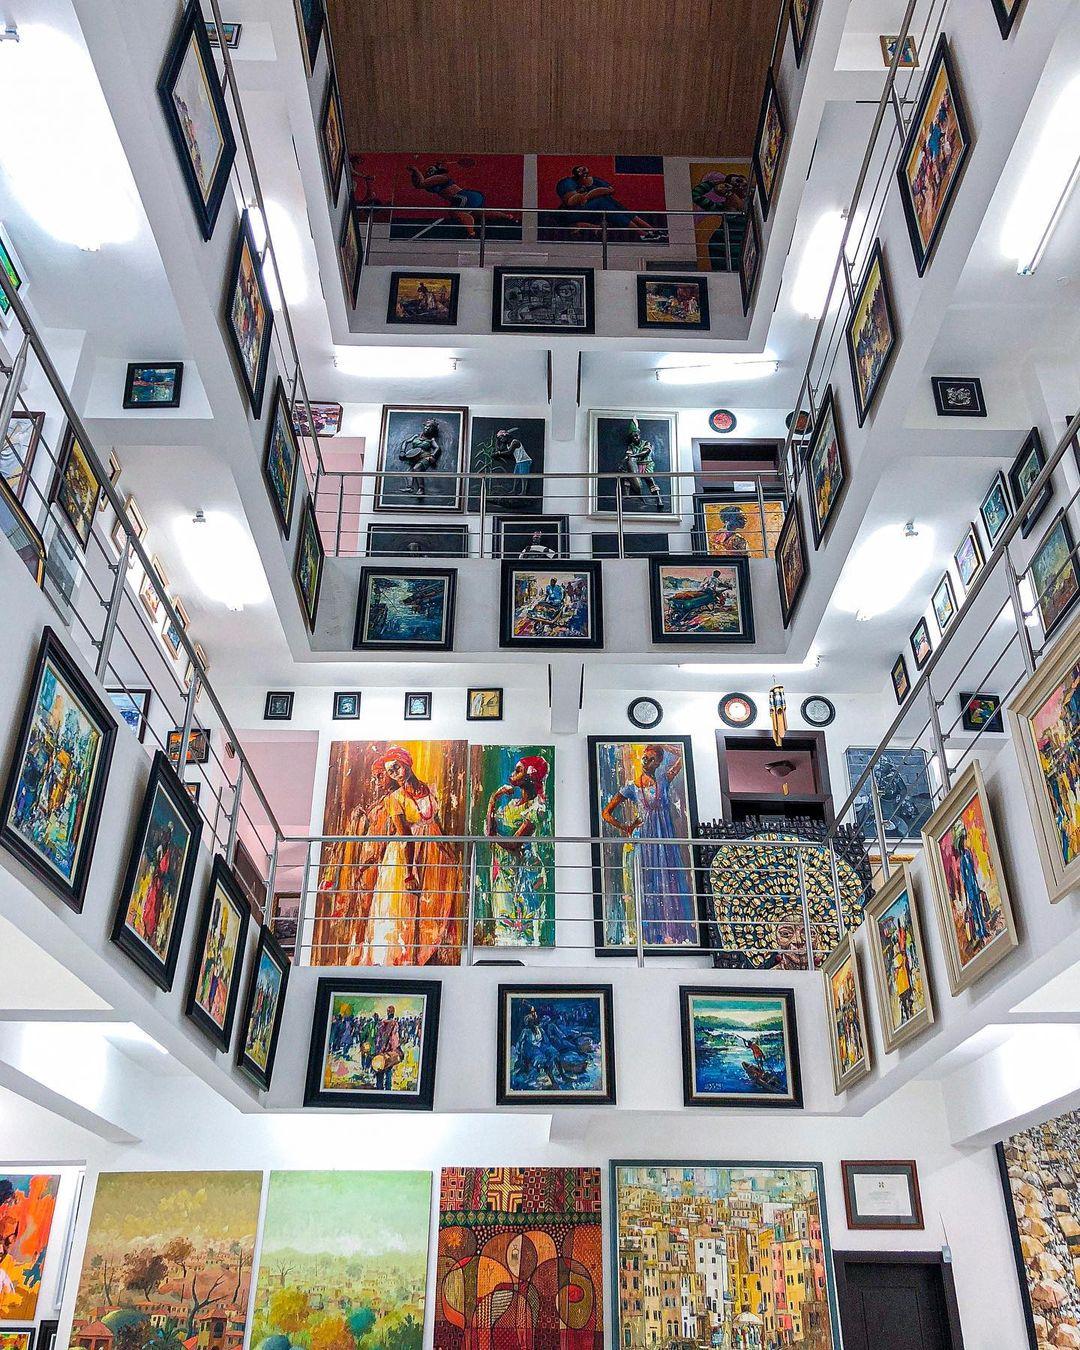 art galleries to visit in lagos nigeria